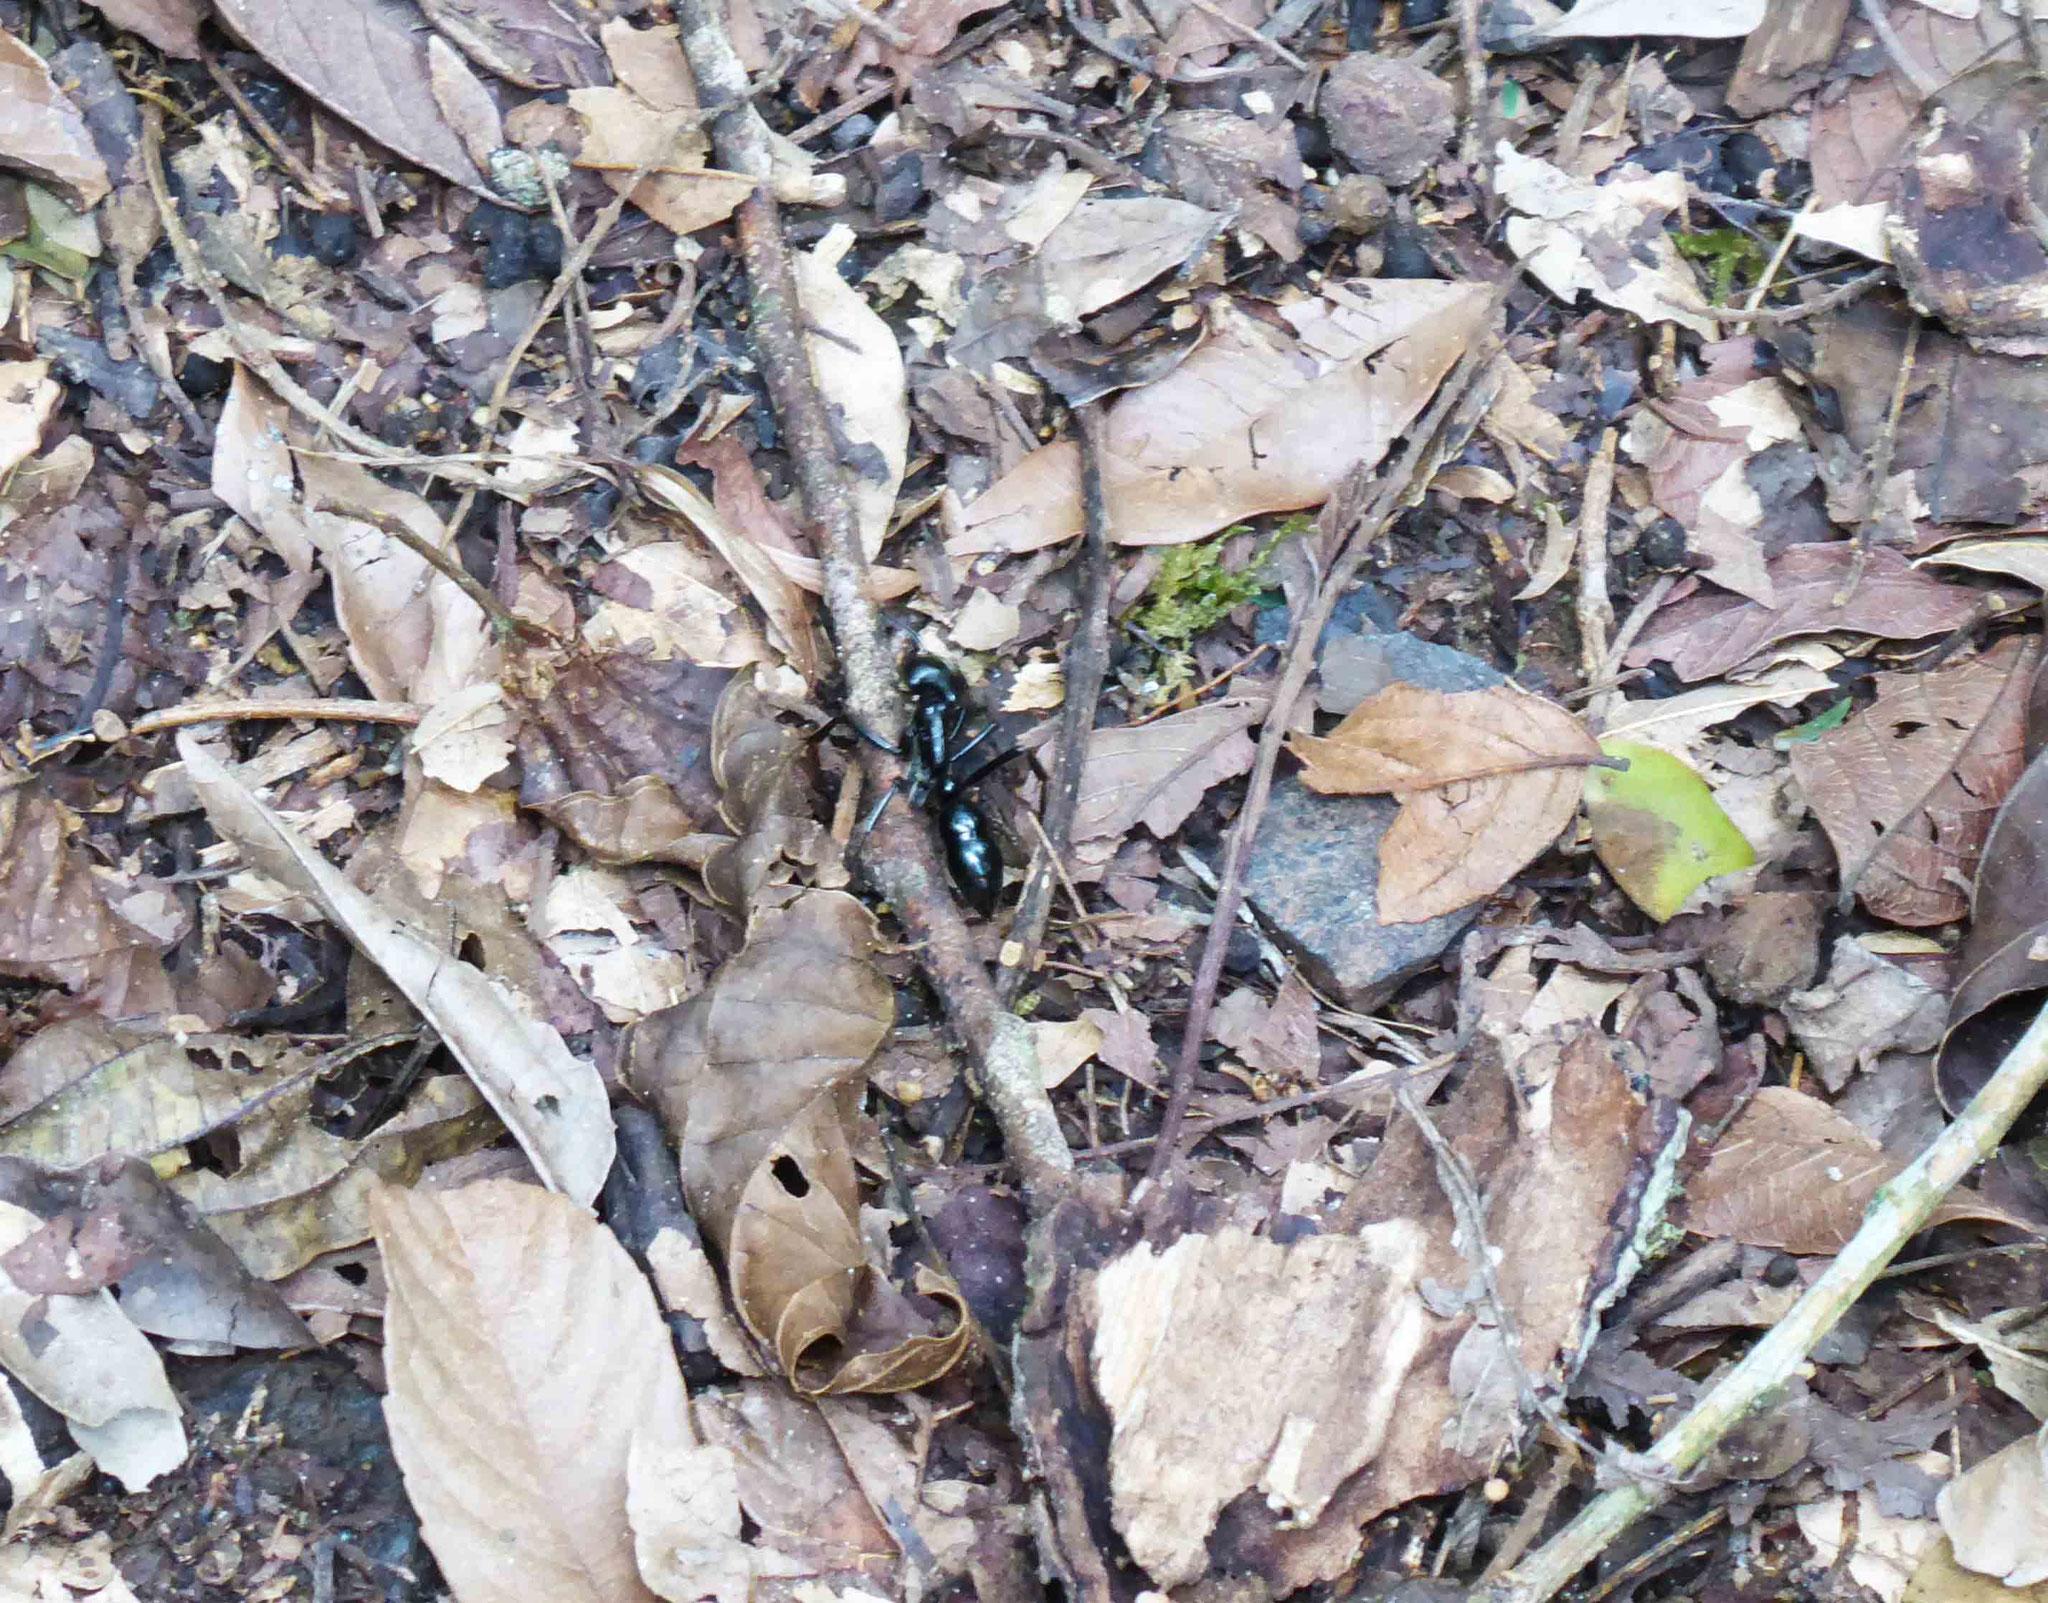 Un spécimen d'Otontomachus (fourmi géante)